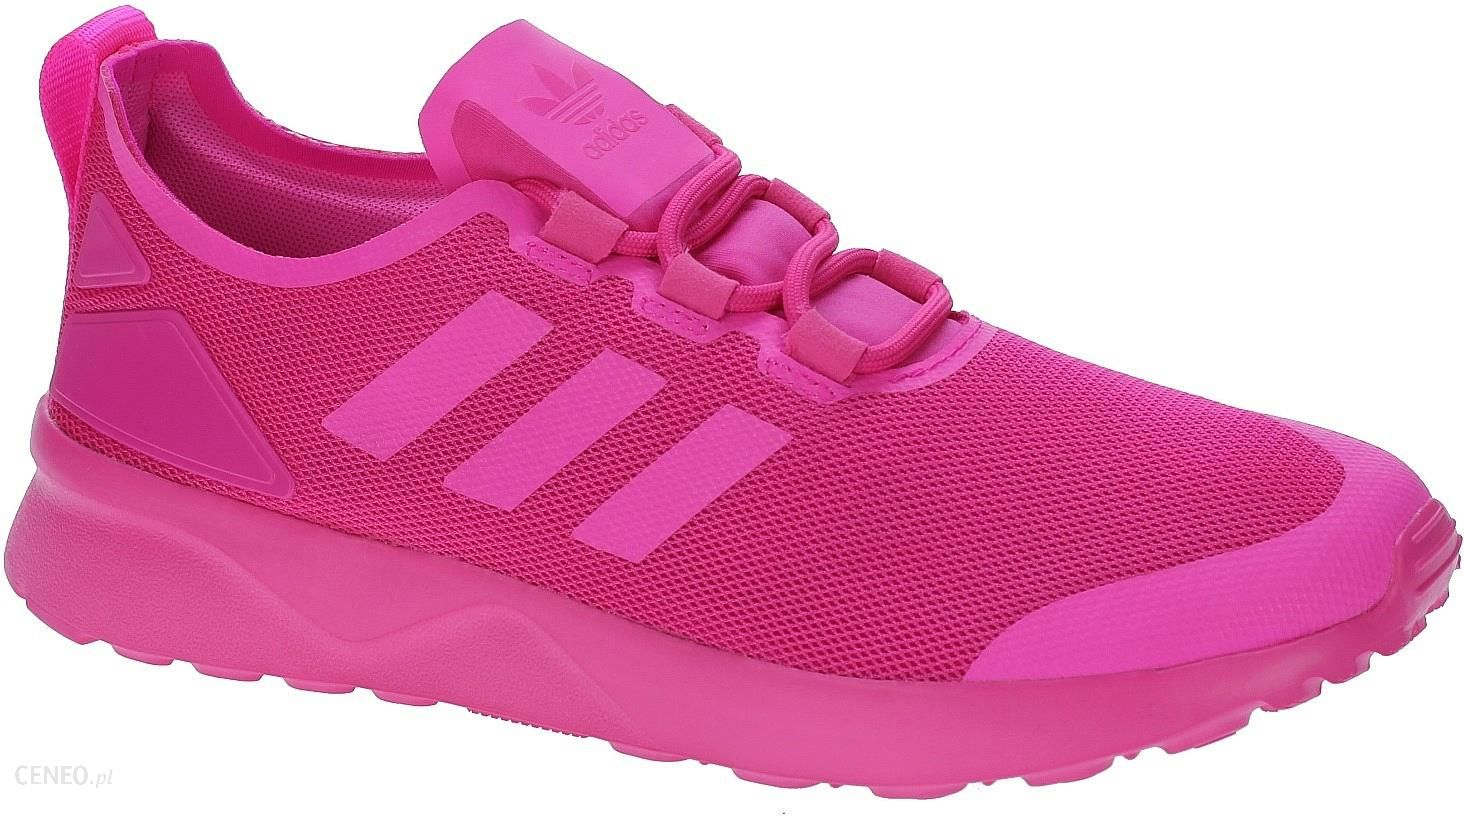 buty adidas Originals ZX Flux Adv Verve Shock PinkShock PinkWhite 38 23